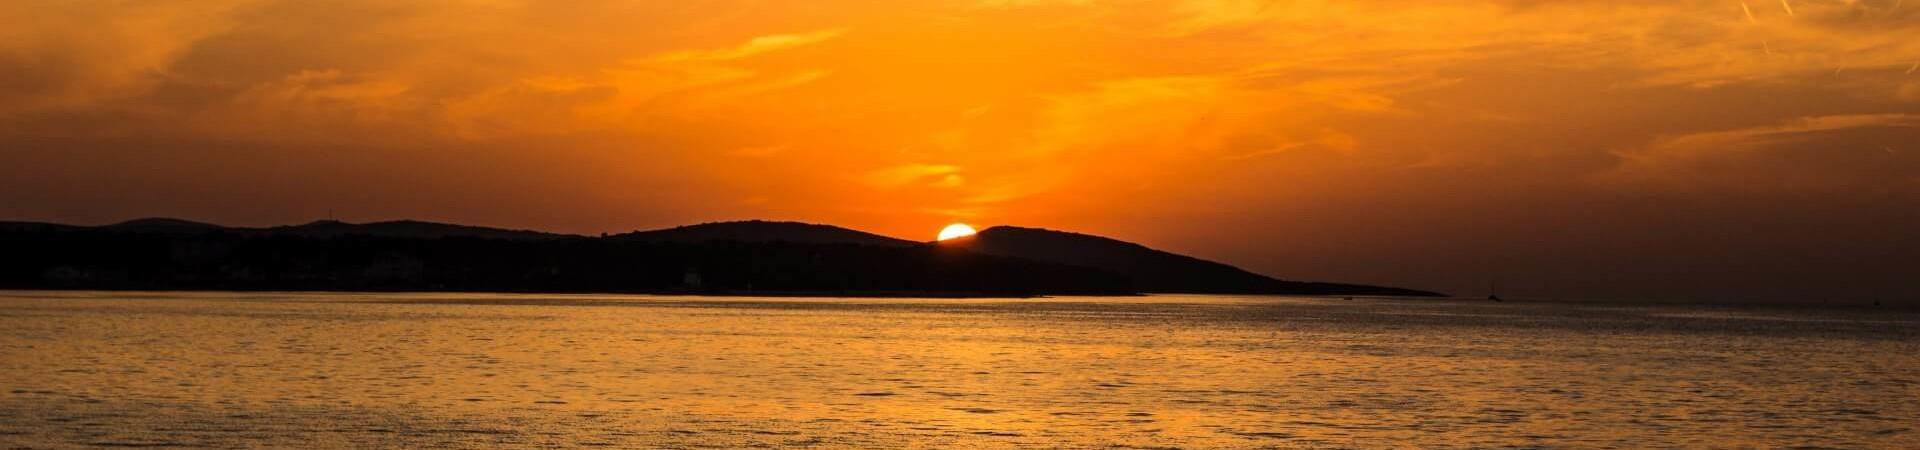 zachód słońca na wyspie Vir